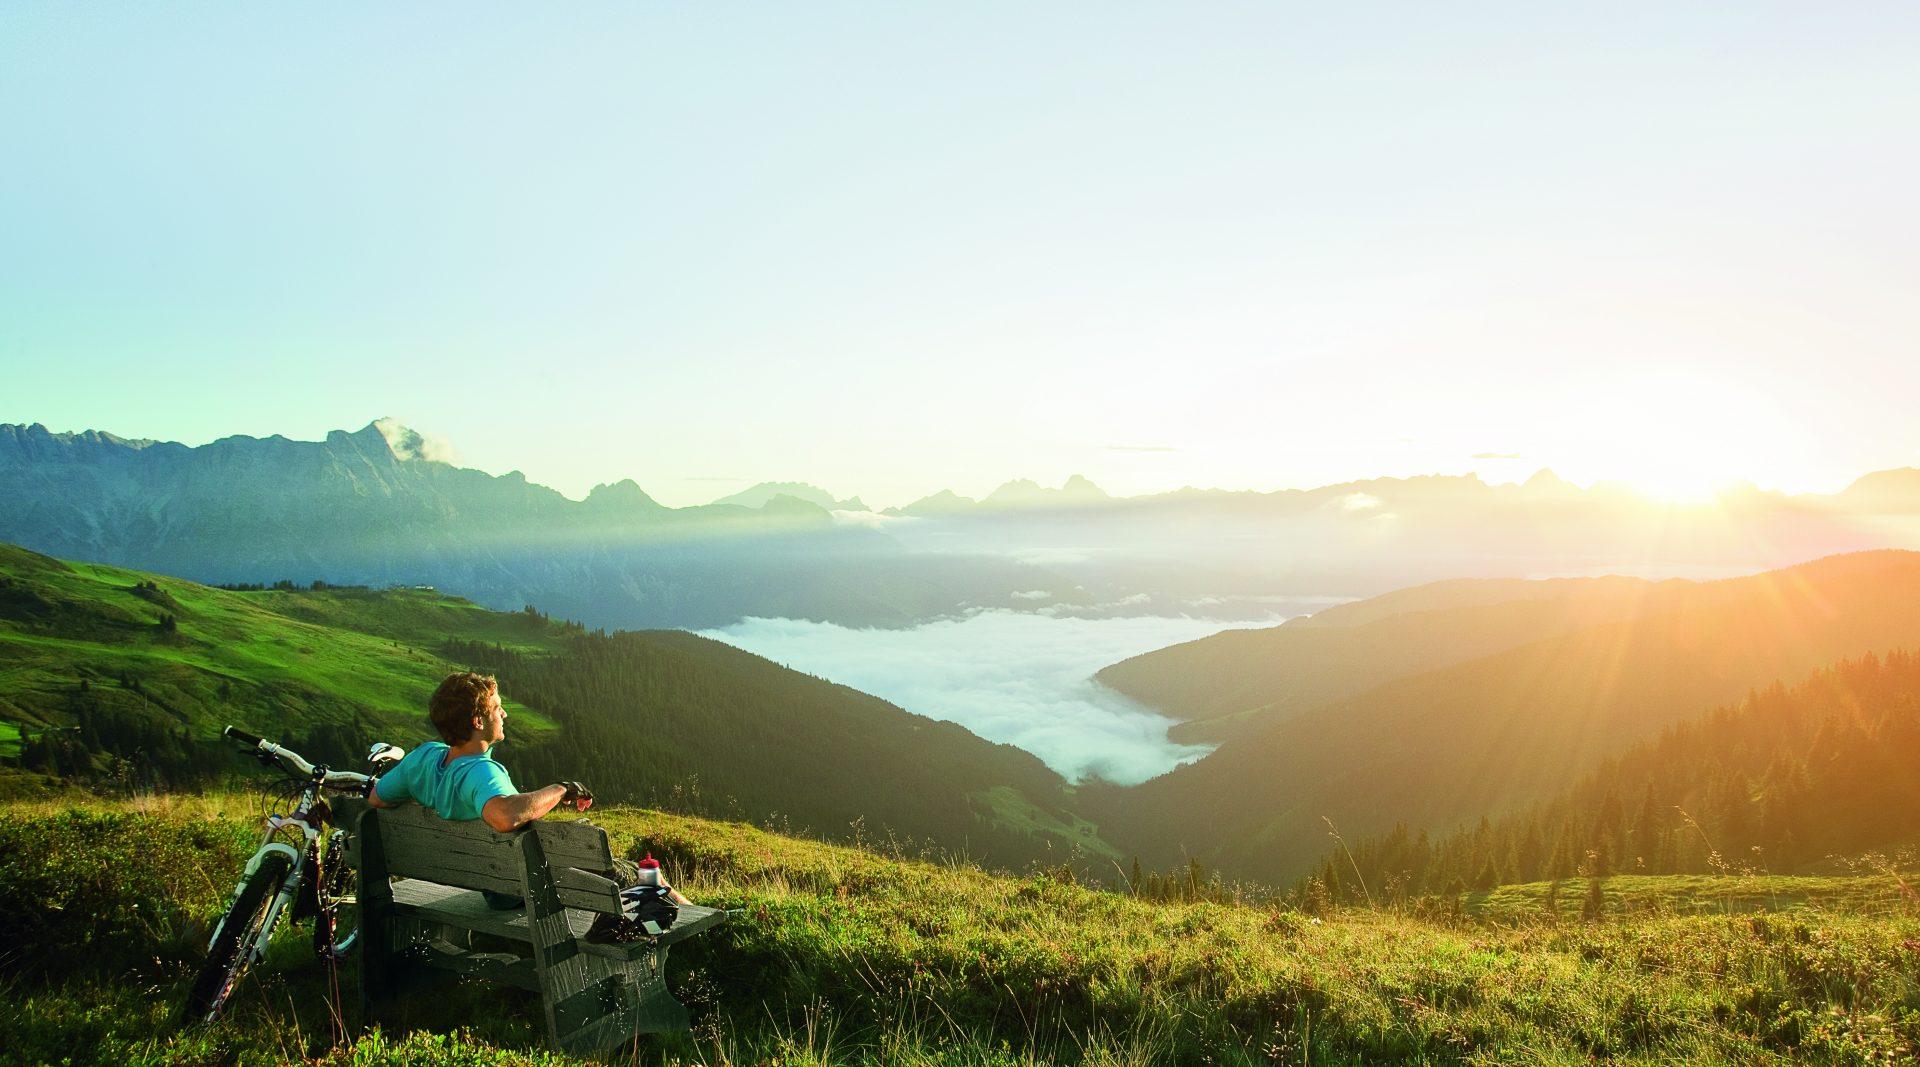 © SalzburgerLand Tourismus, ideenwerk werbeagentur gmbh - Radfahrer macht Pause auf der Bank